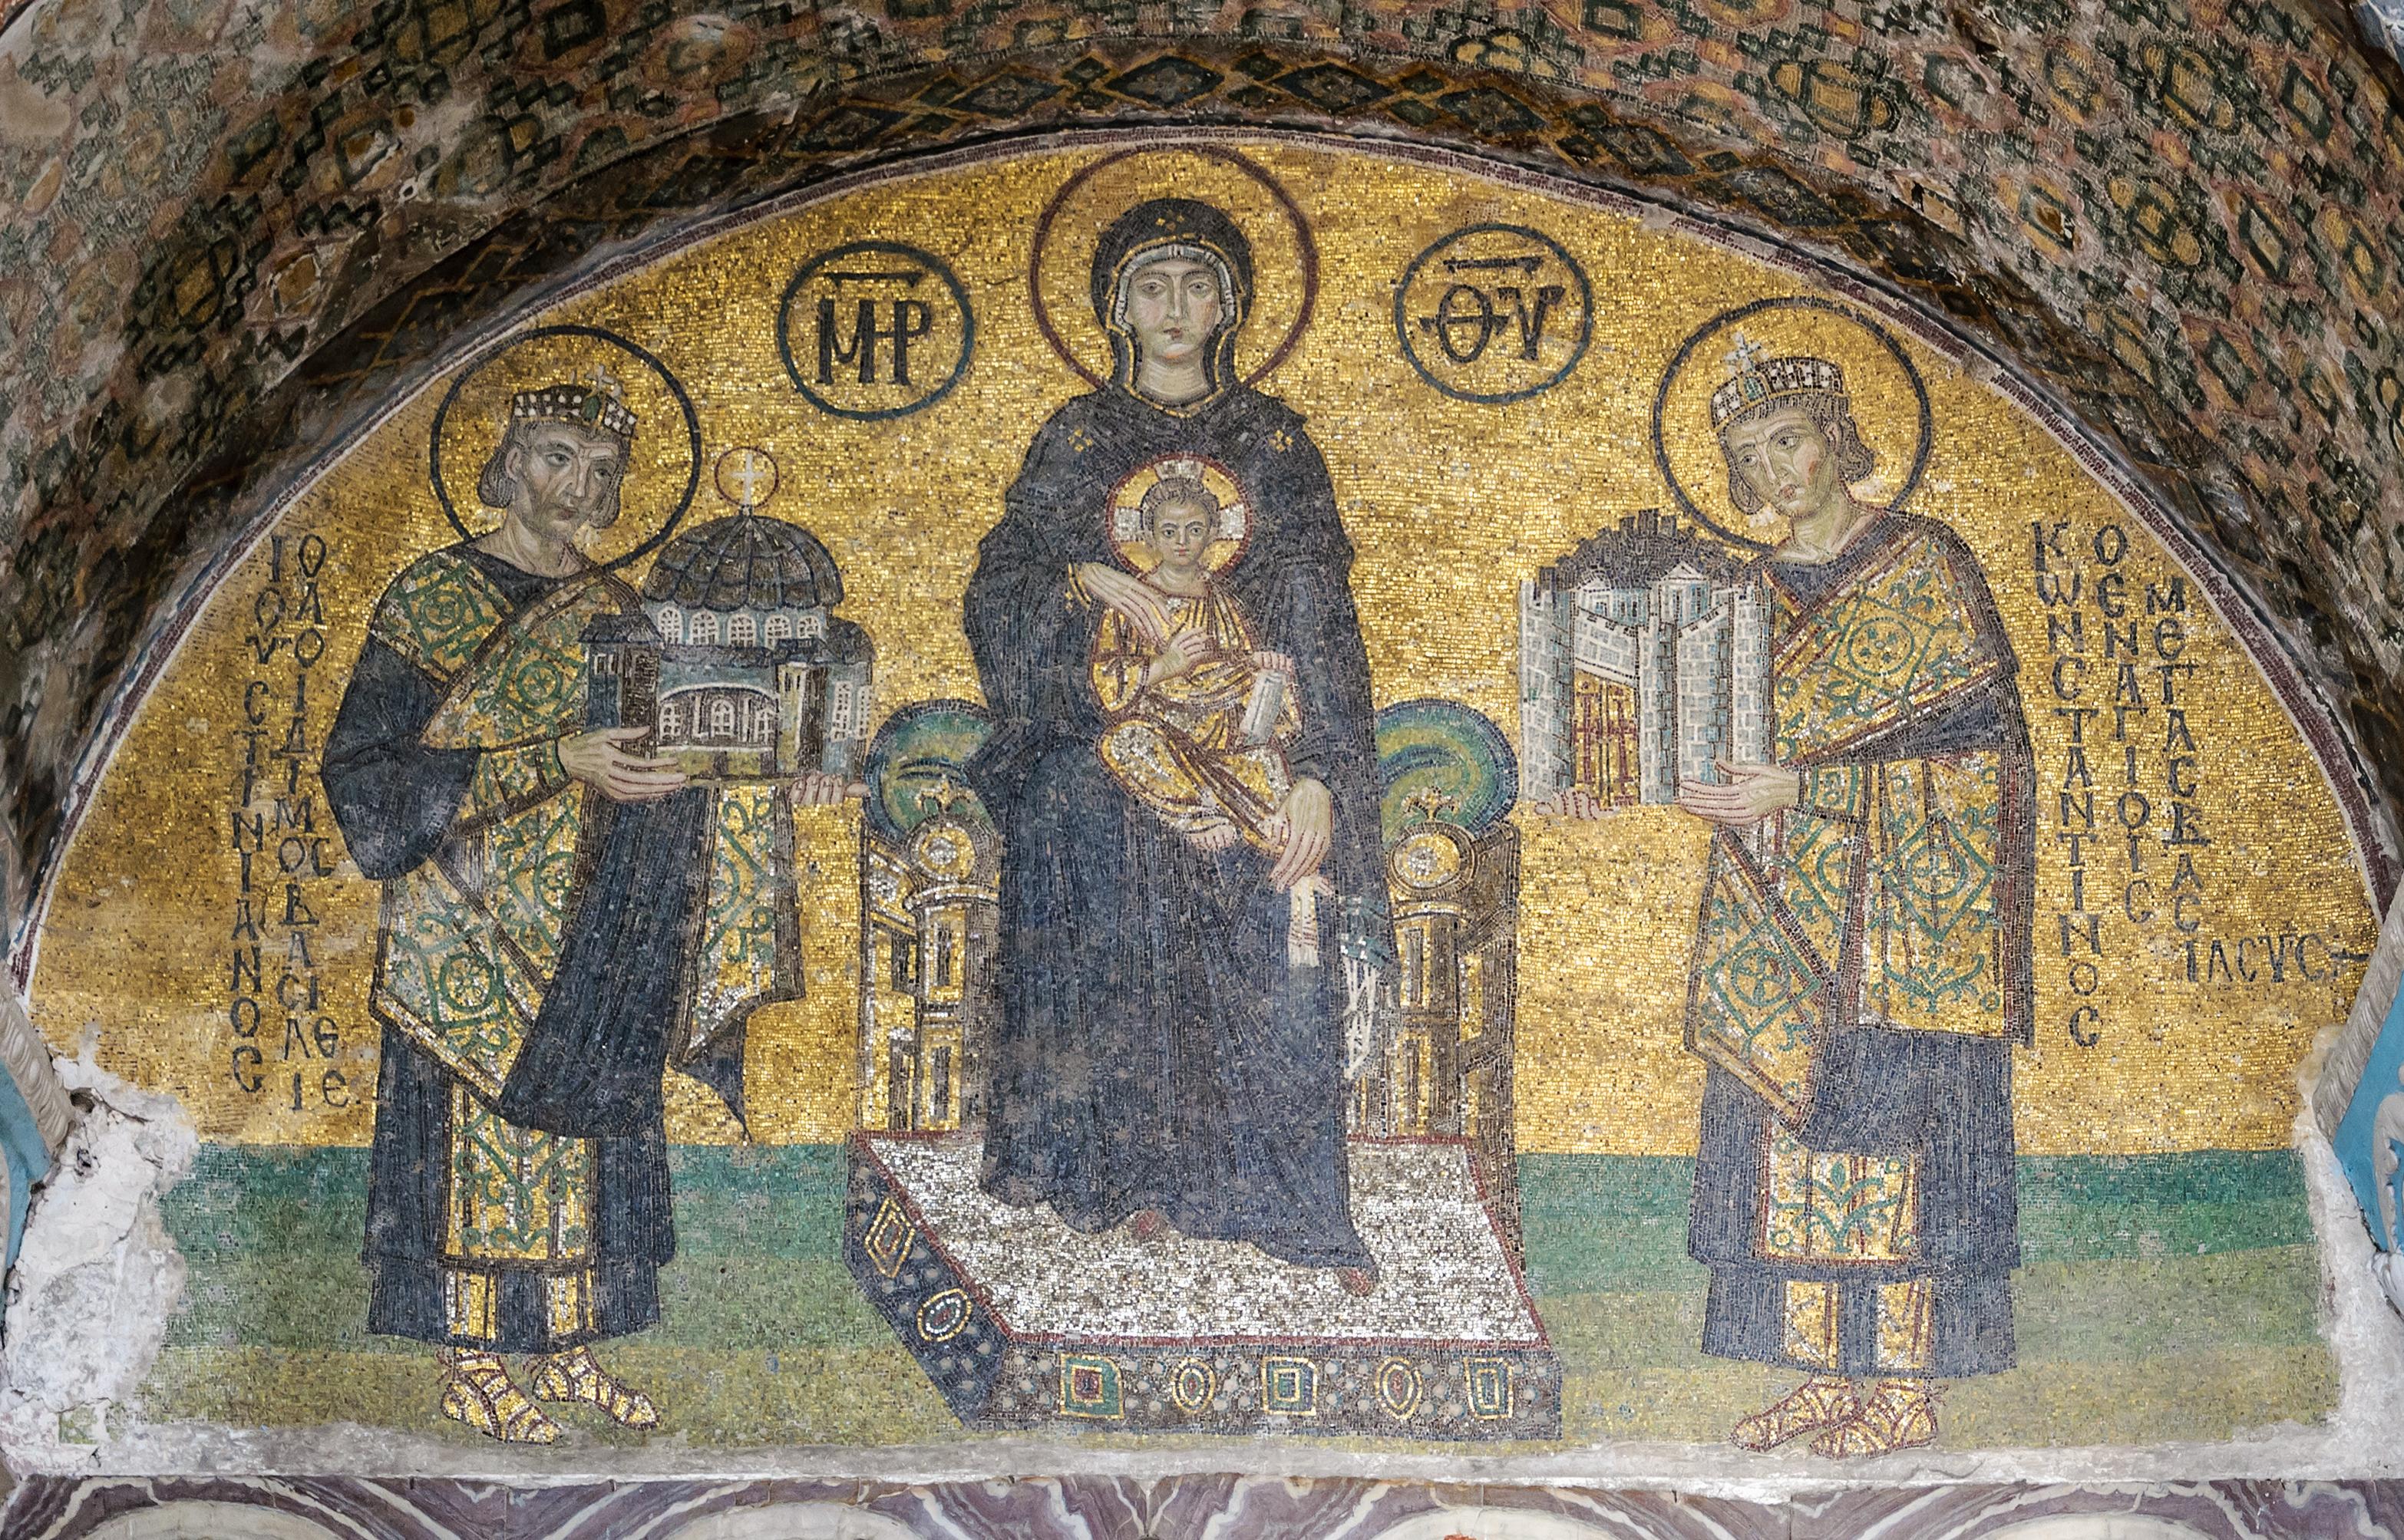 Mosaïques de l'entrée sud-ouest de Sainte-Sophie (Istanbul, Turquie) - PD-Art, via Wikimedia Commons